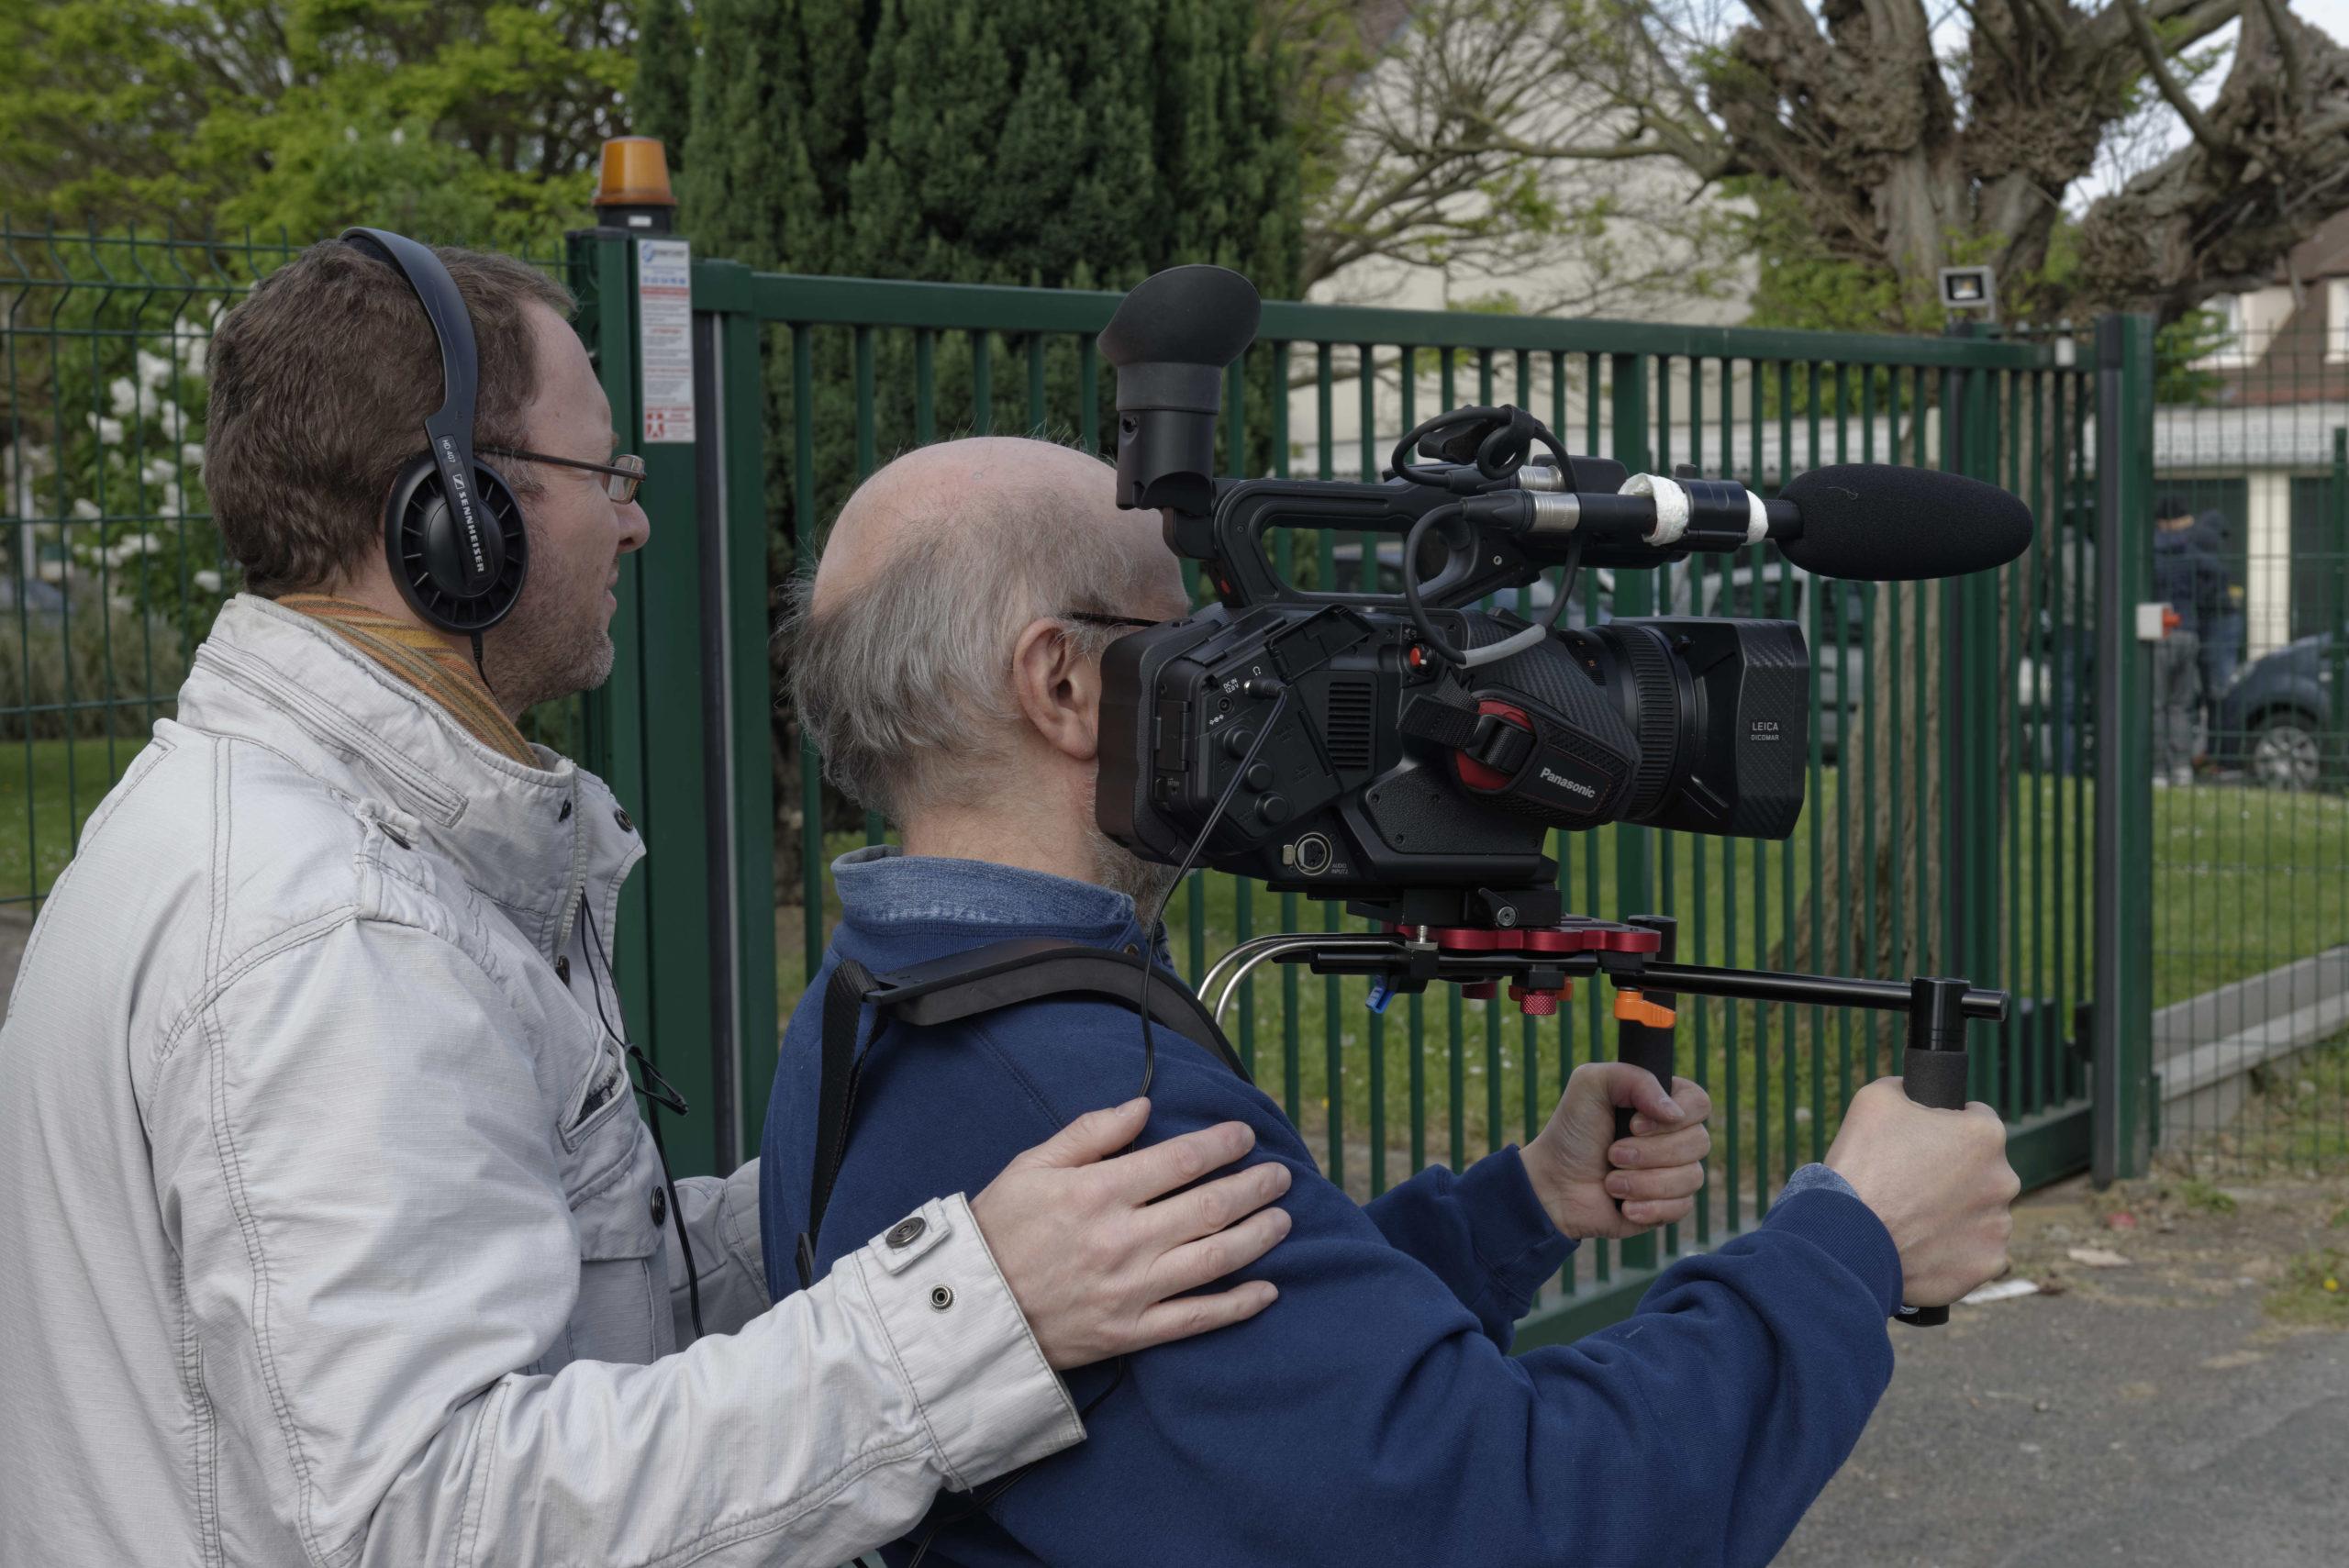 Pere et impair photos tournage 21